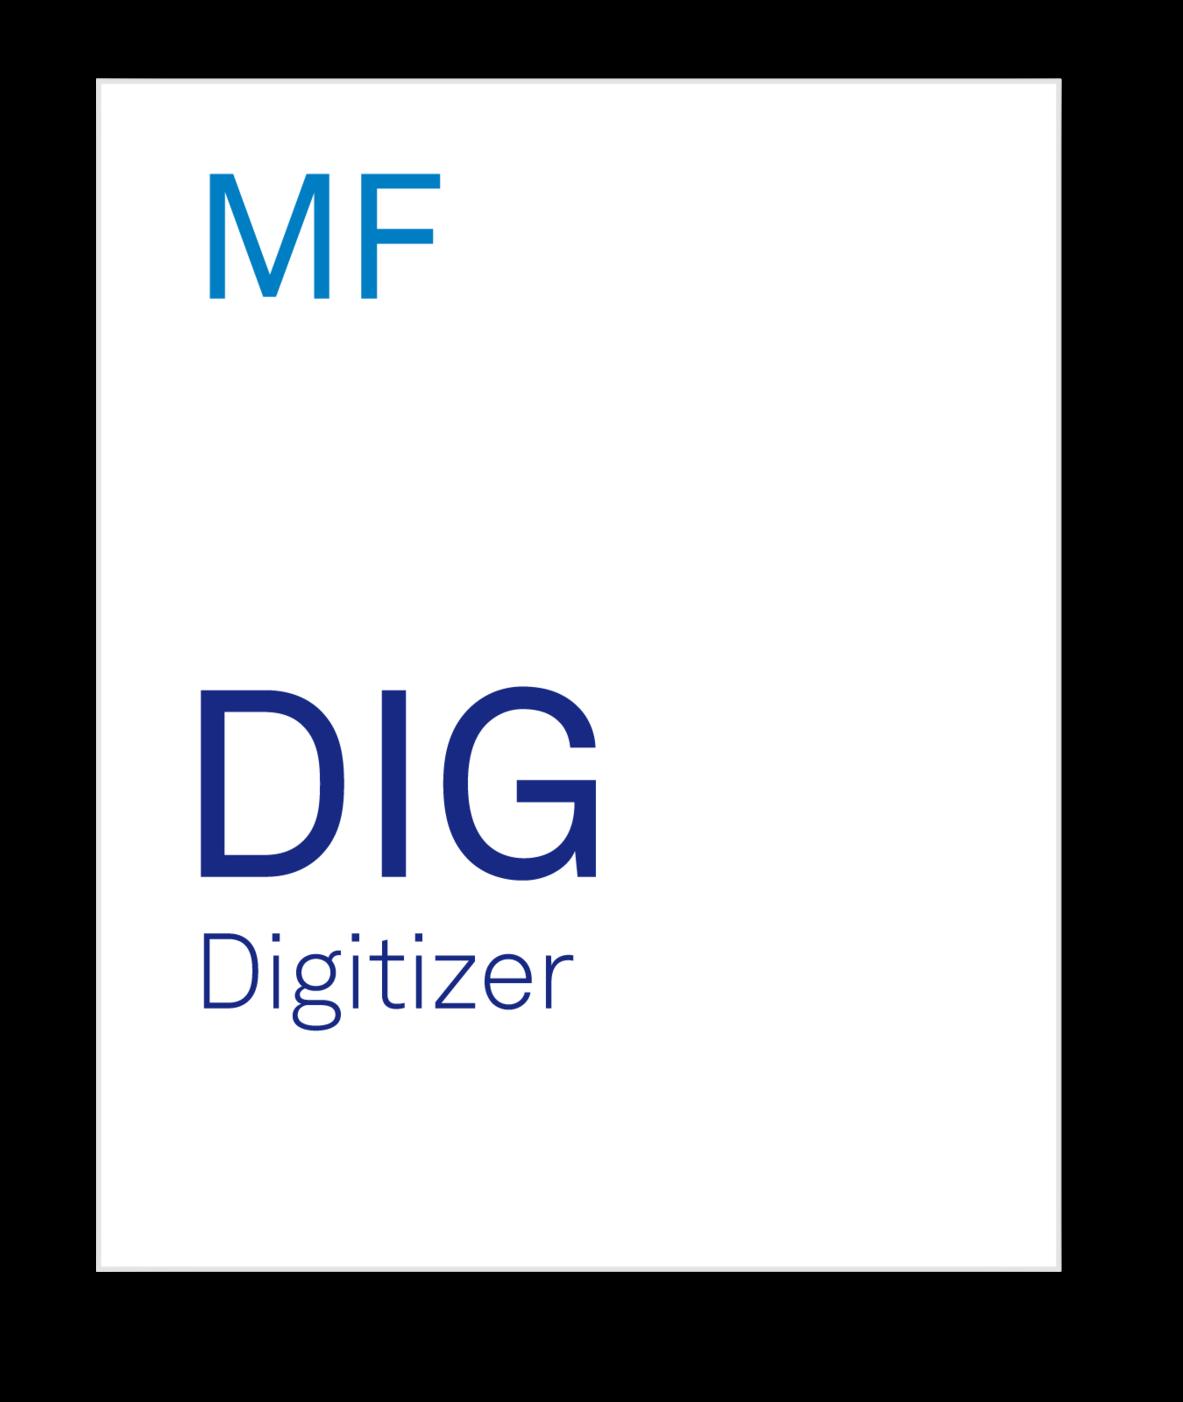 Zurich Instruments MF DIG Digitizer